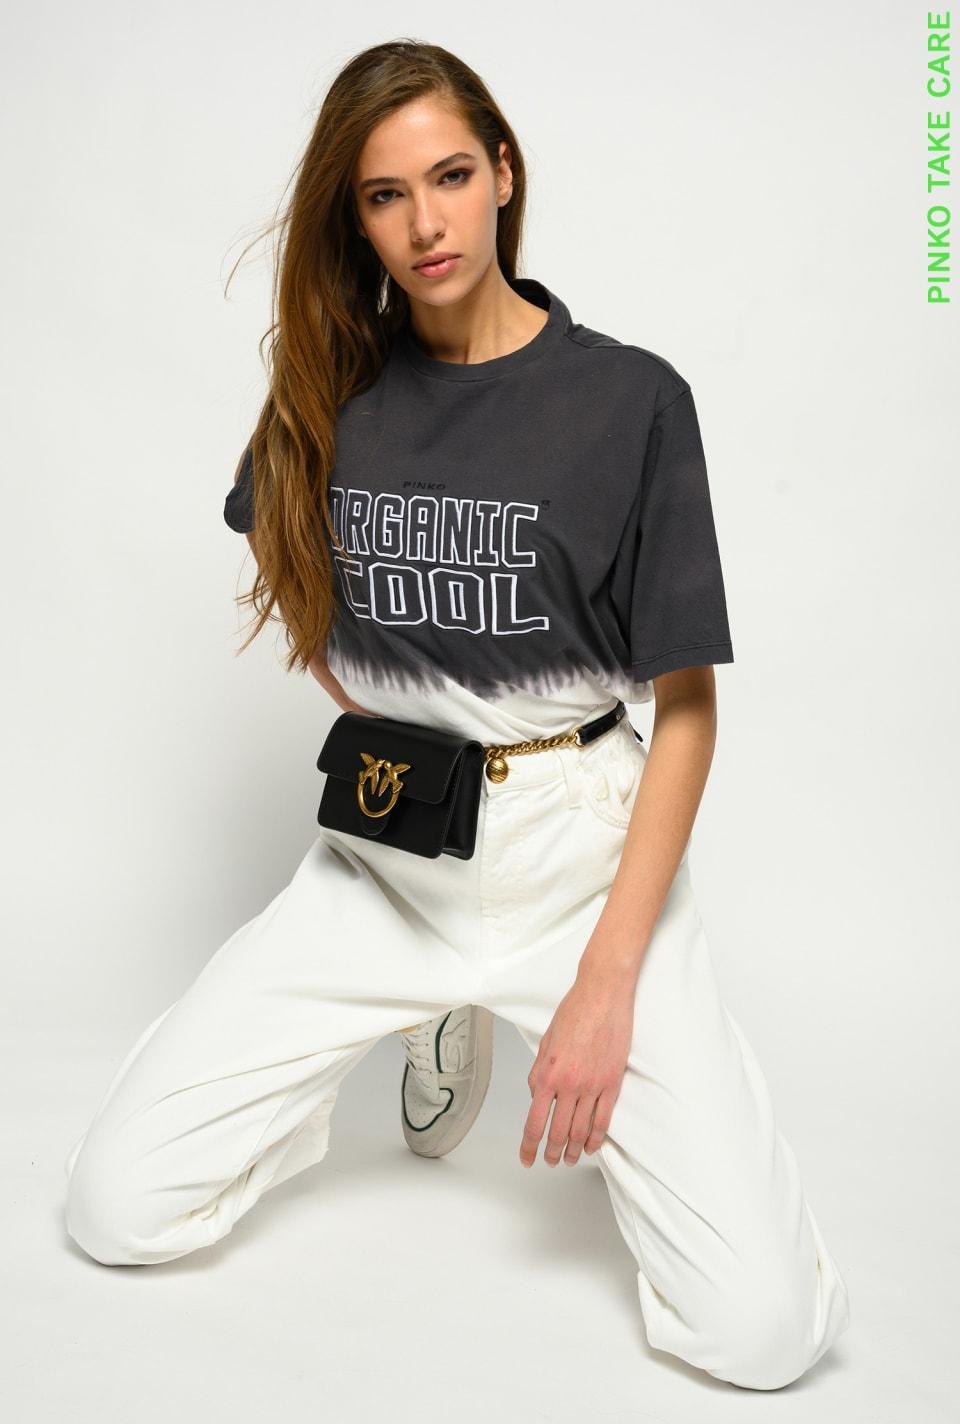 Organicool T-shirt - Pinko